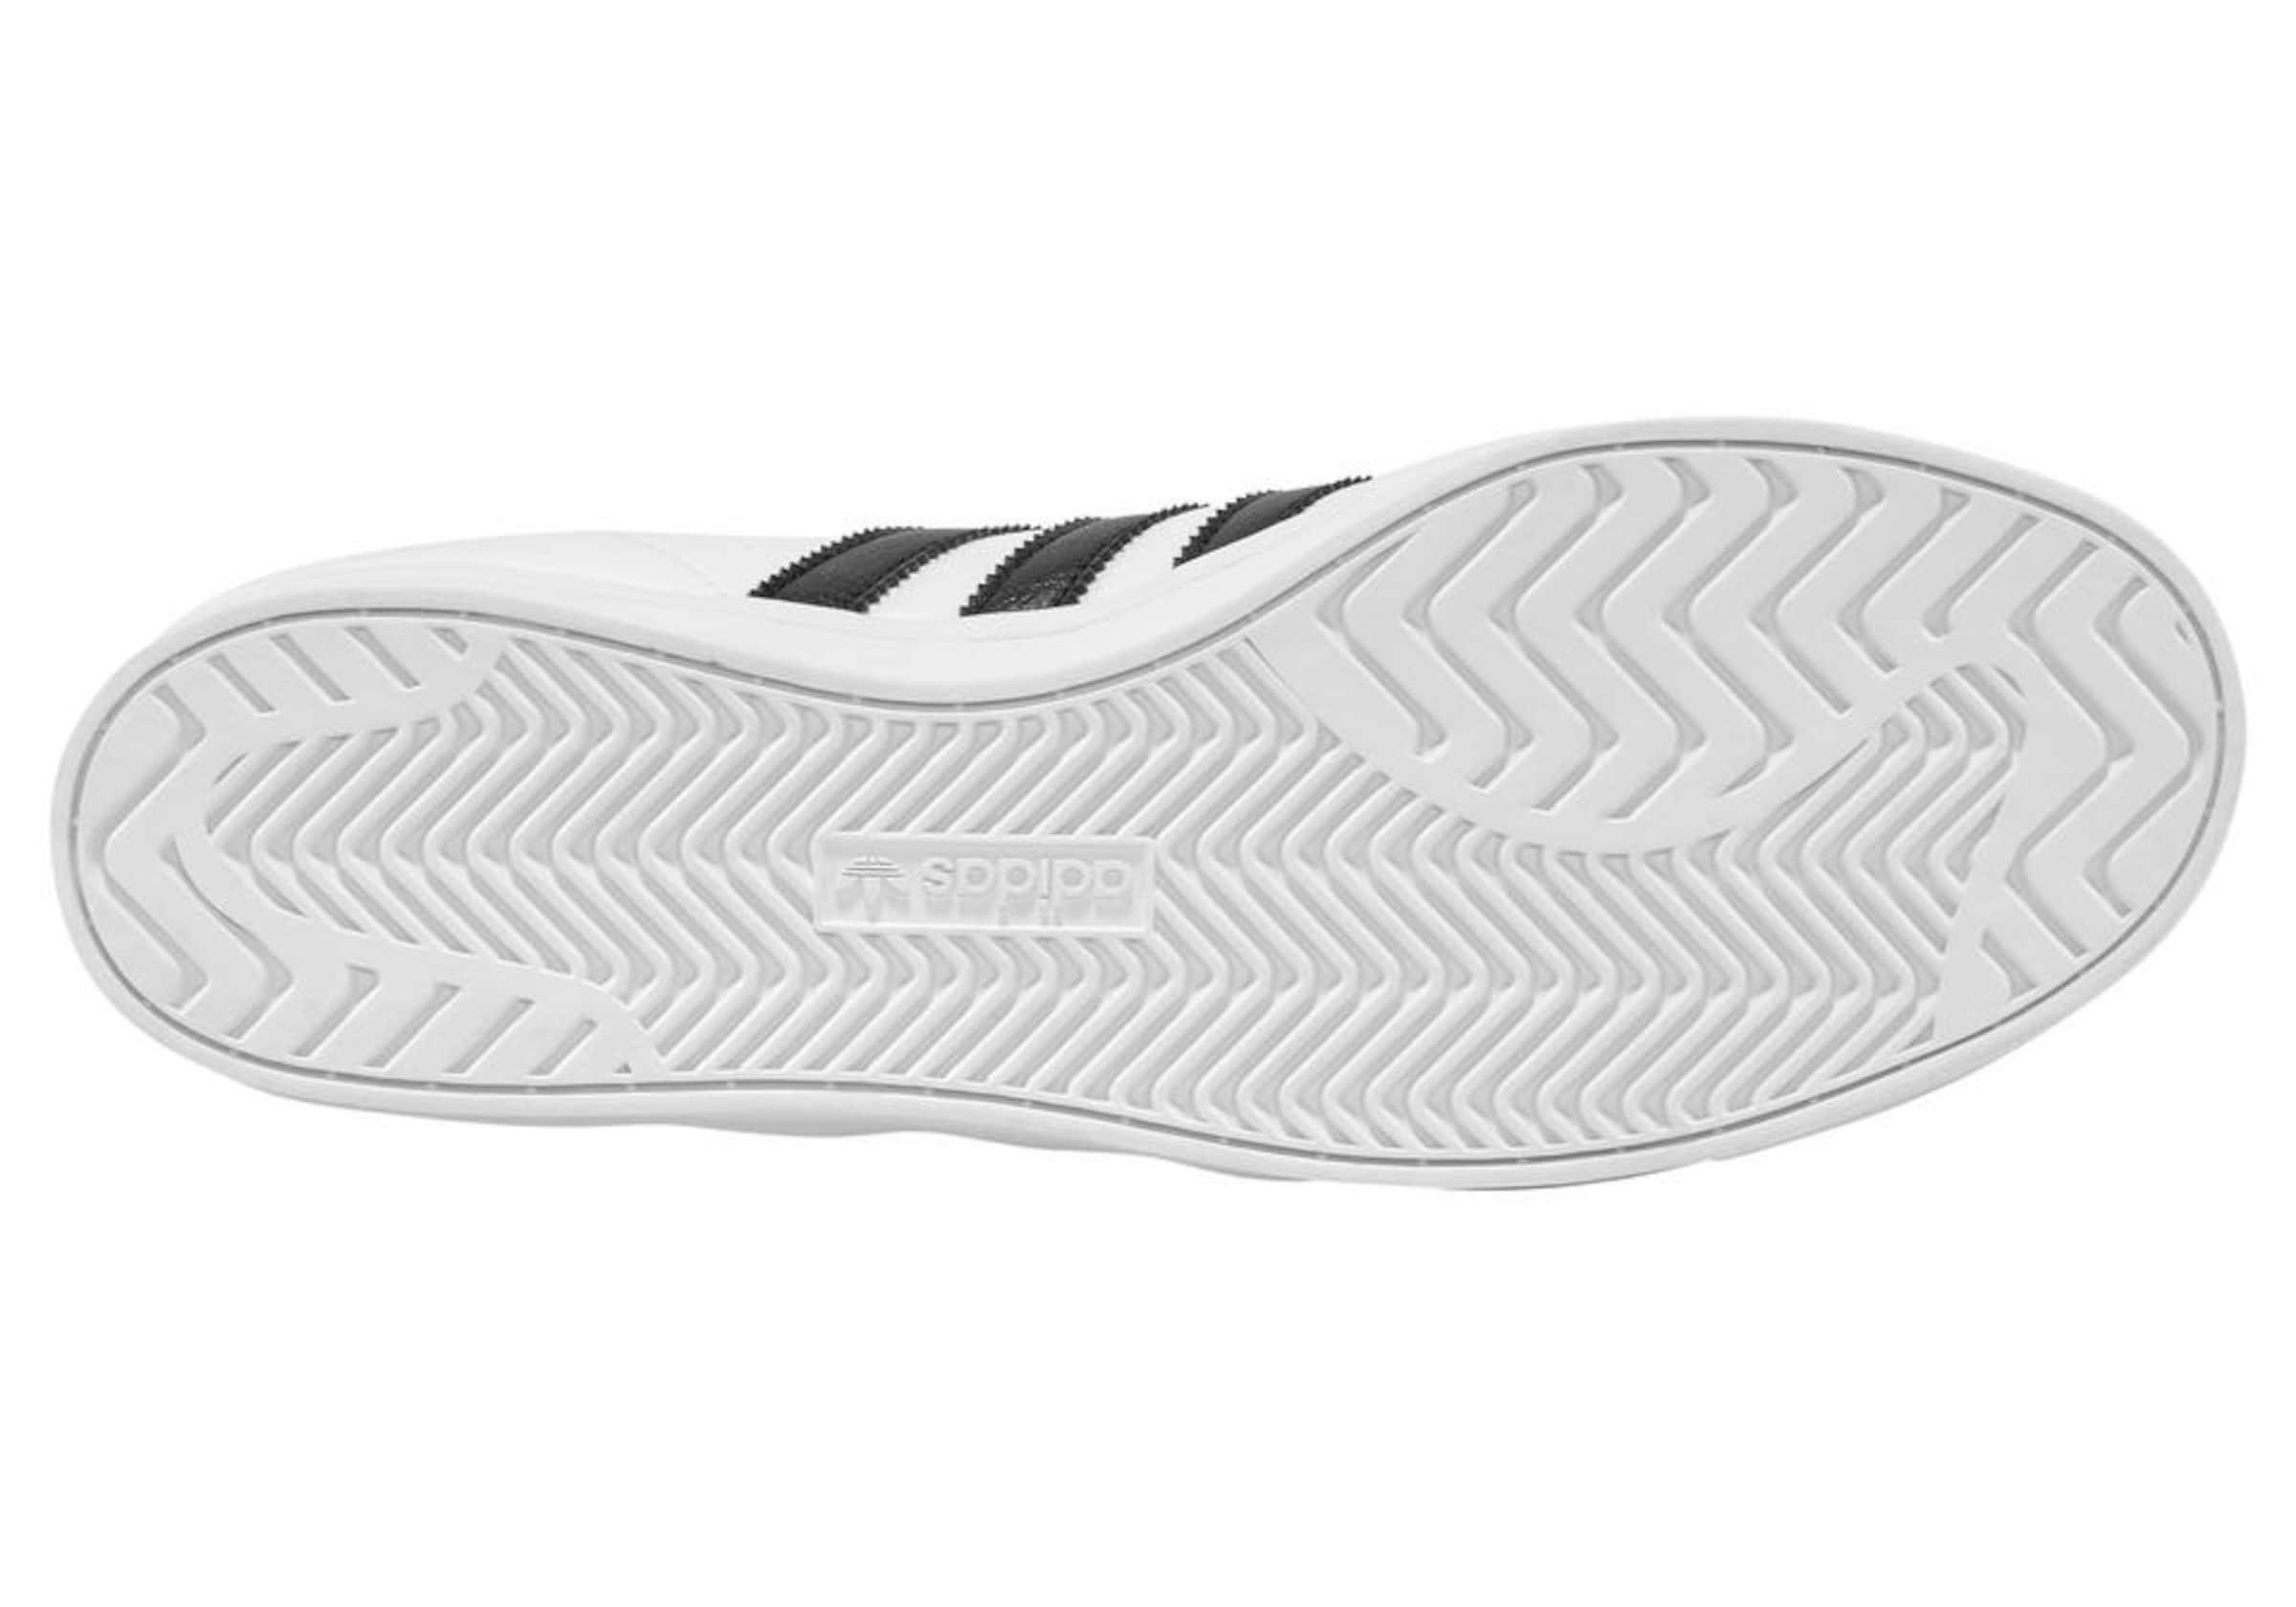 In Schuh SchwarzWeiß Adidas Star' 'coast Originals N8ZwkOX0nP